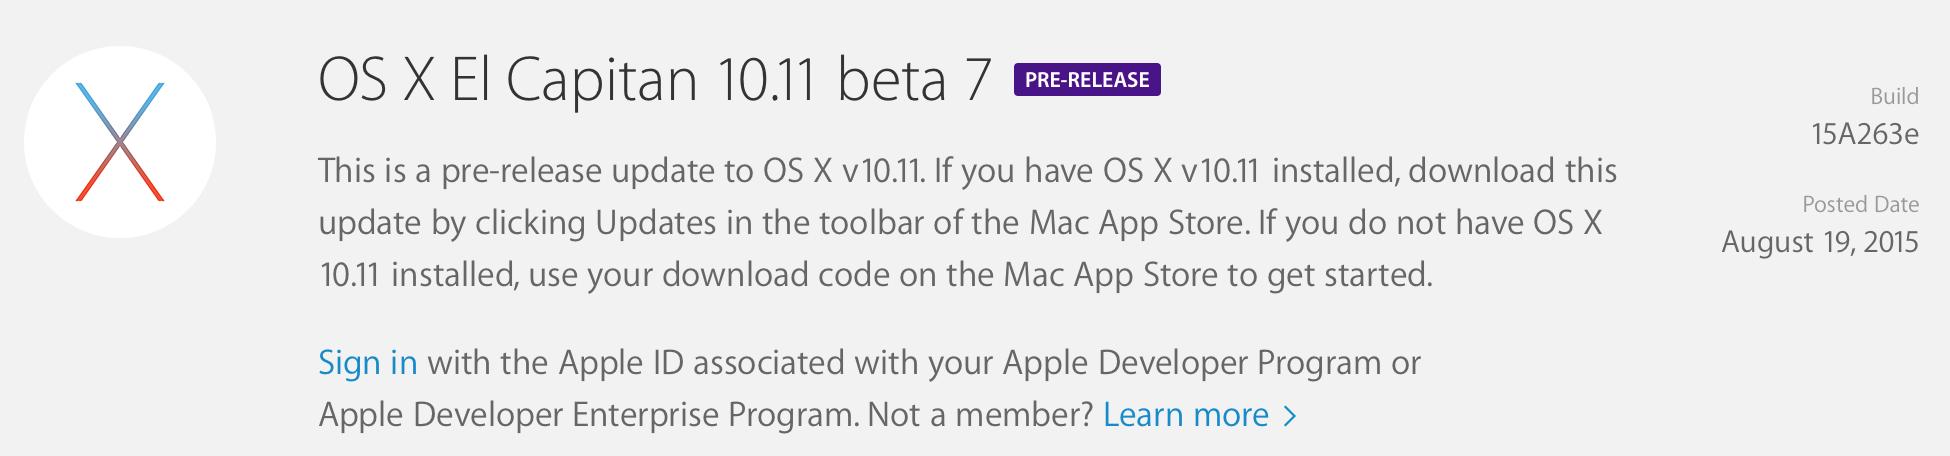 OS X Beta-Release-bildschirmfoto-2015-08-19-um-22.50.42.png